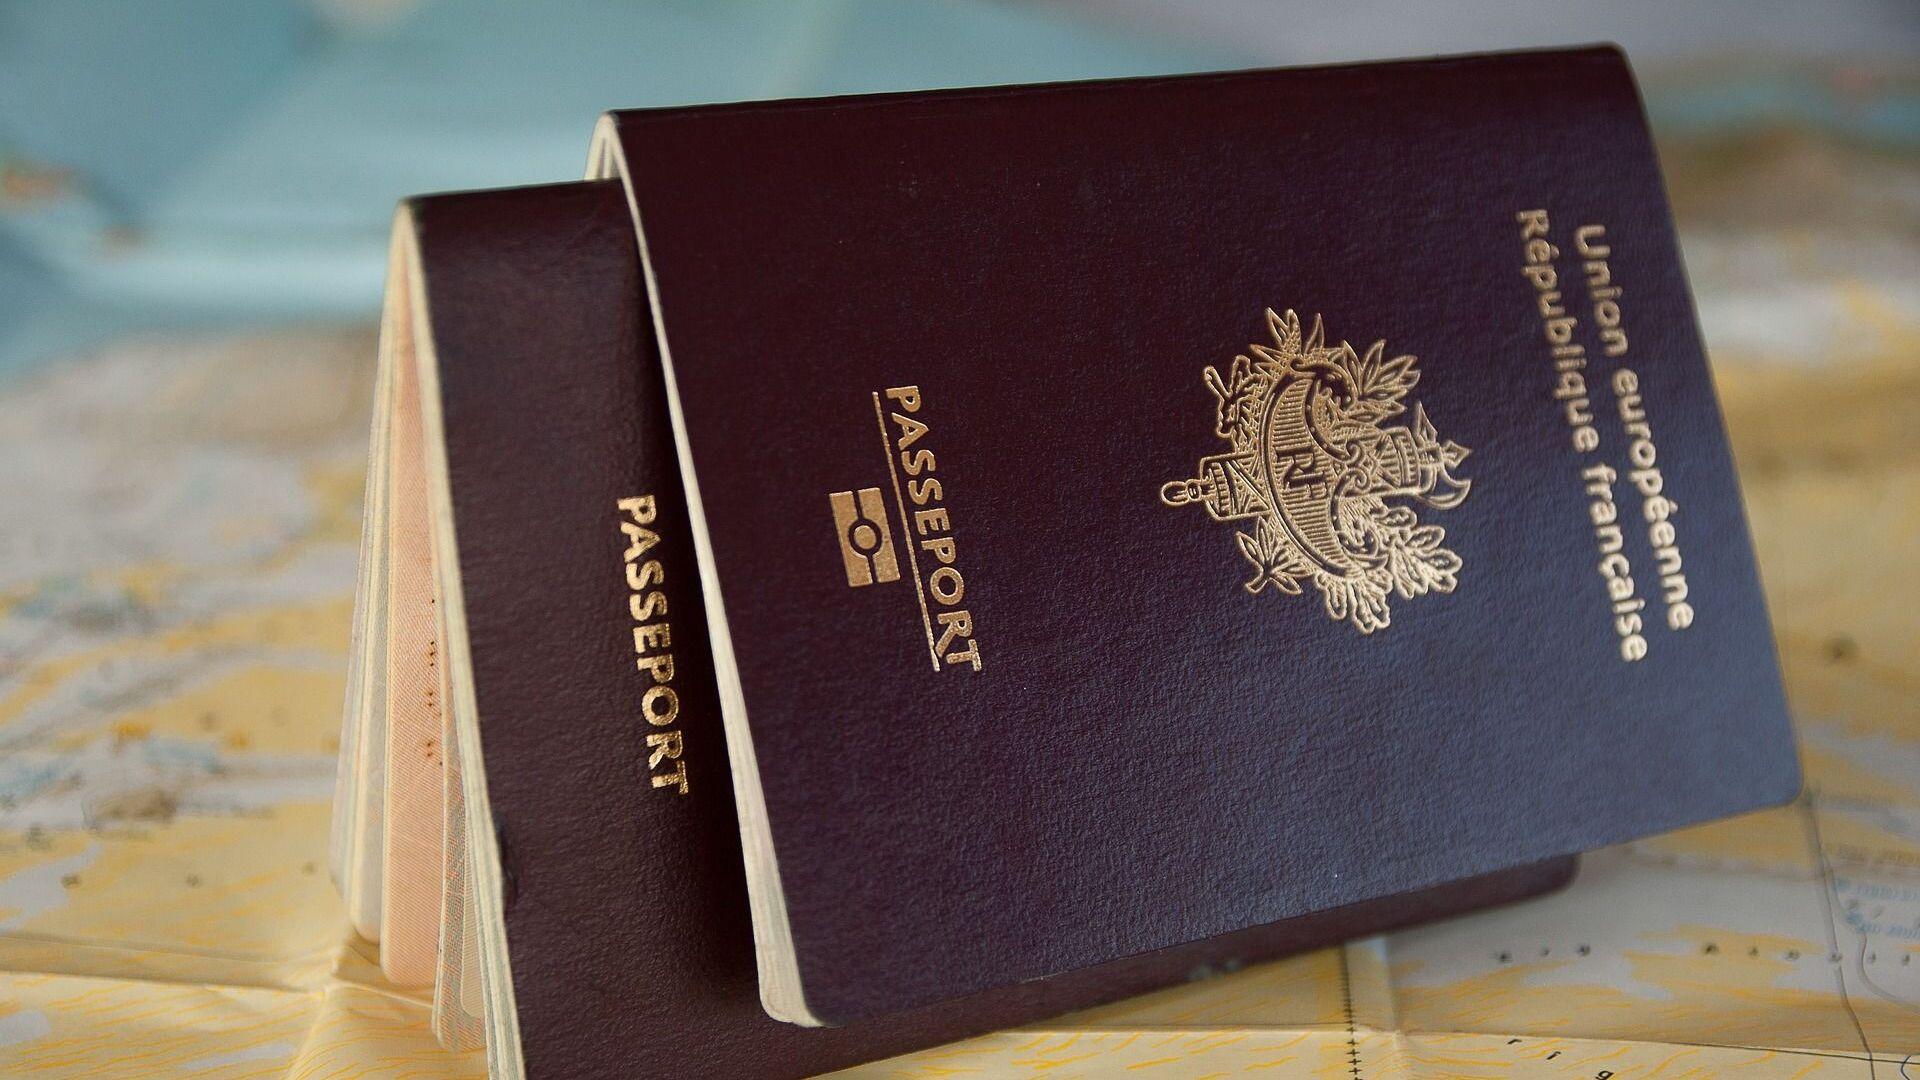 Un passeport français - Sputnik France, 1920, 06.10.2021